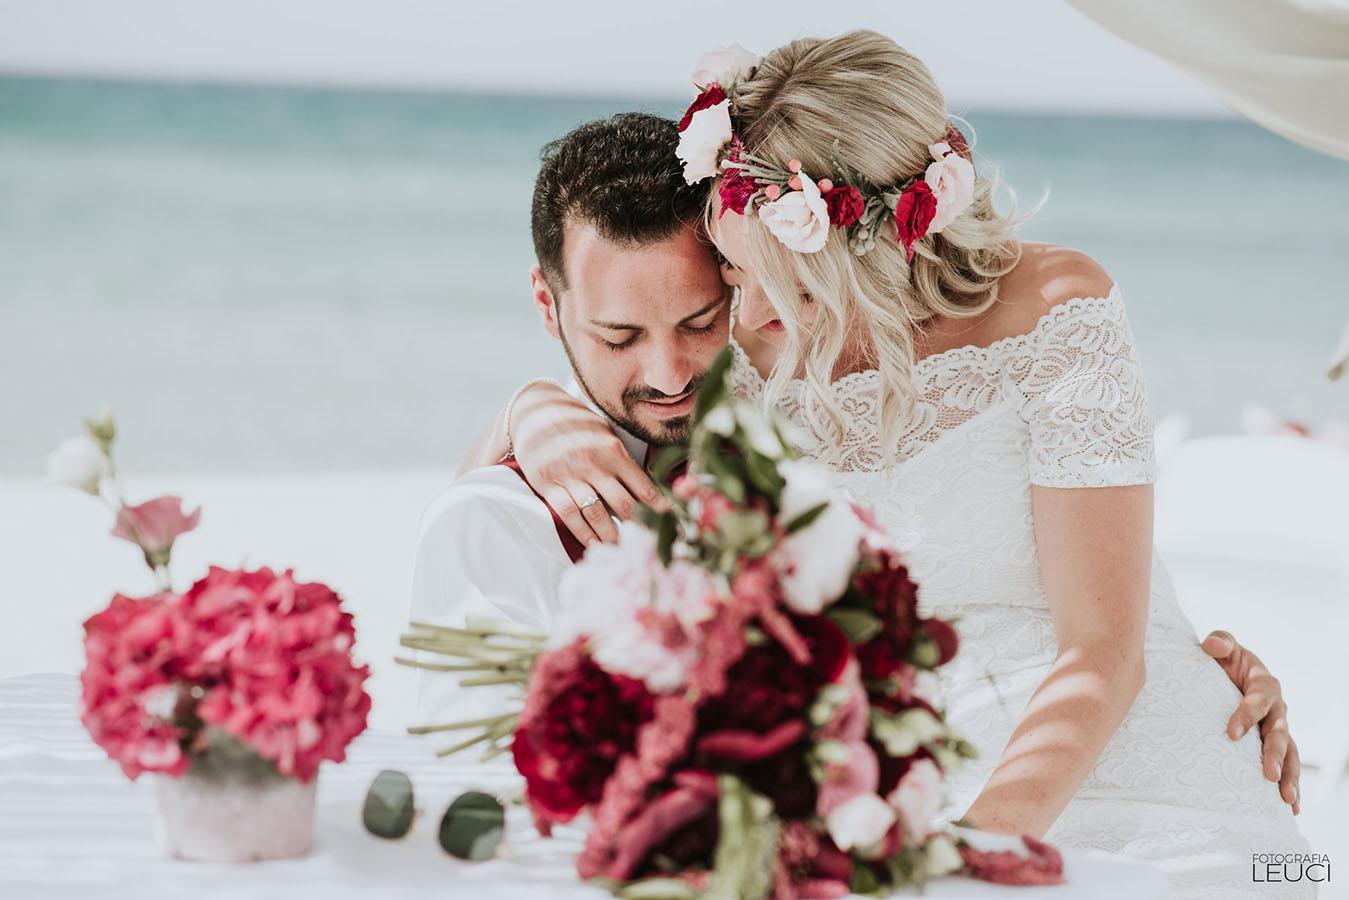 Foto Matrimonio Bohemien : Location per matrimonio bohémien anche una spiaggia pugliese è